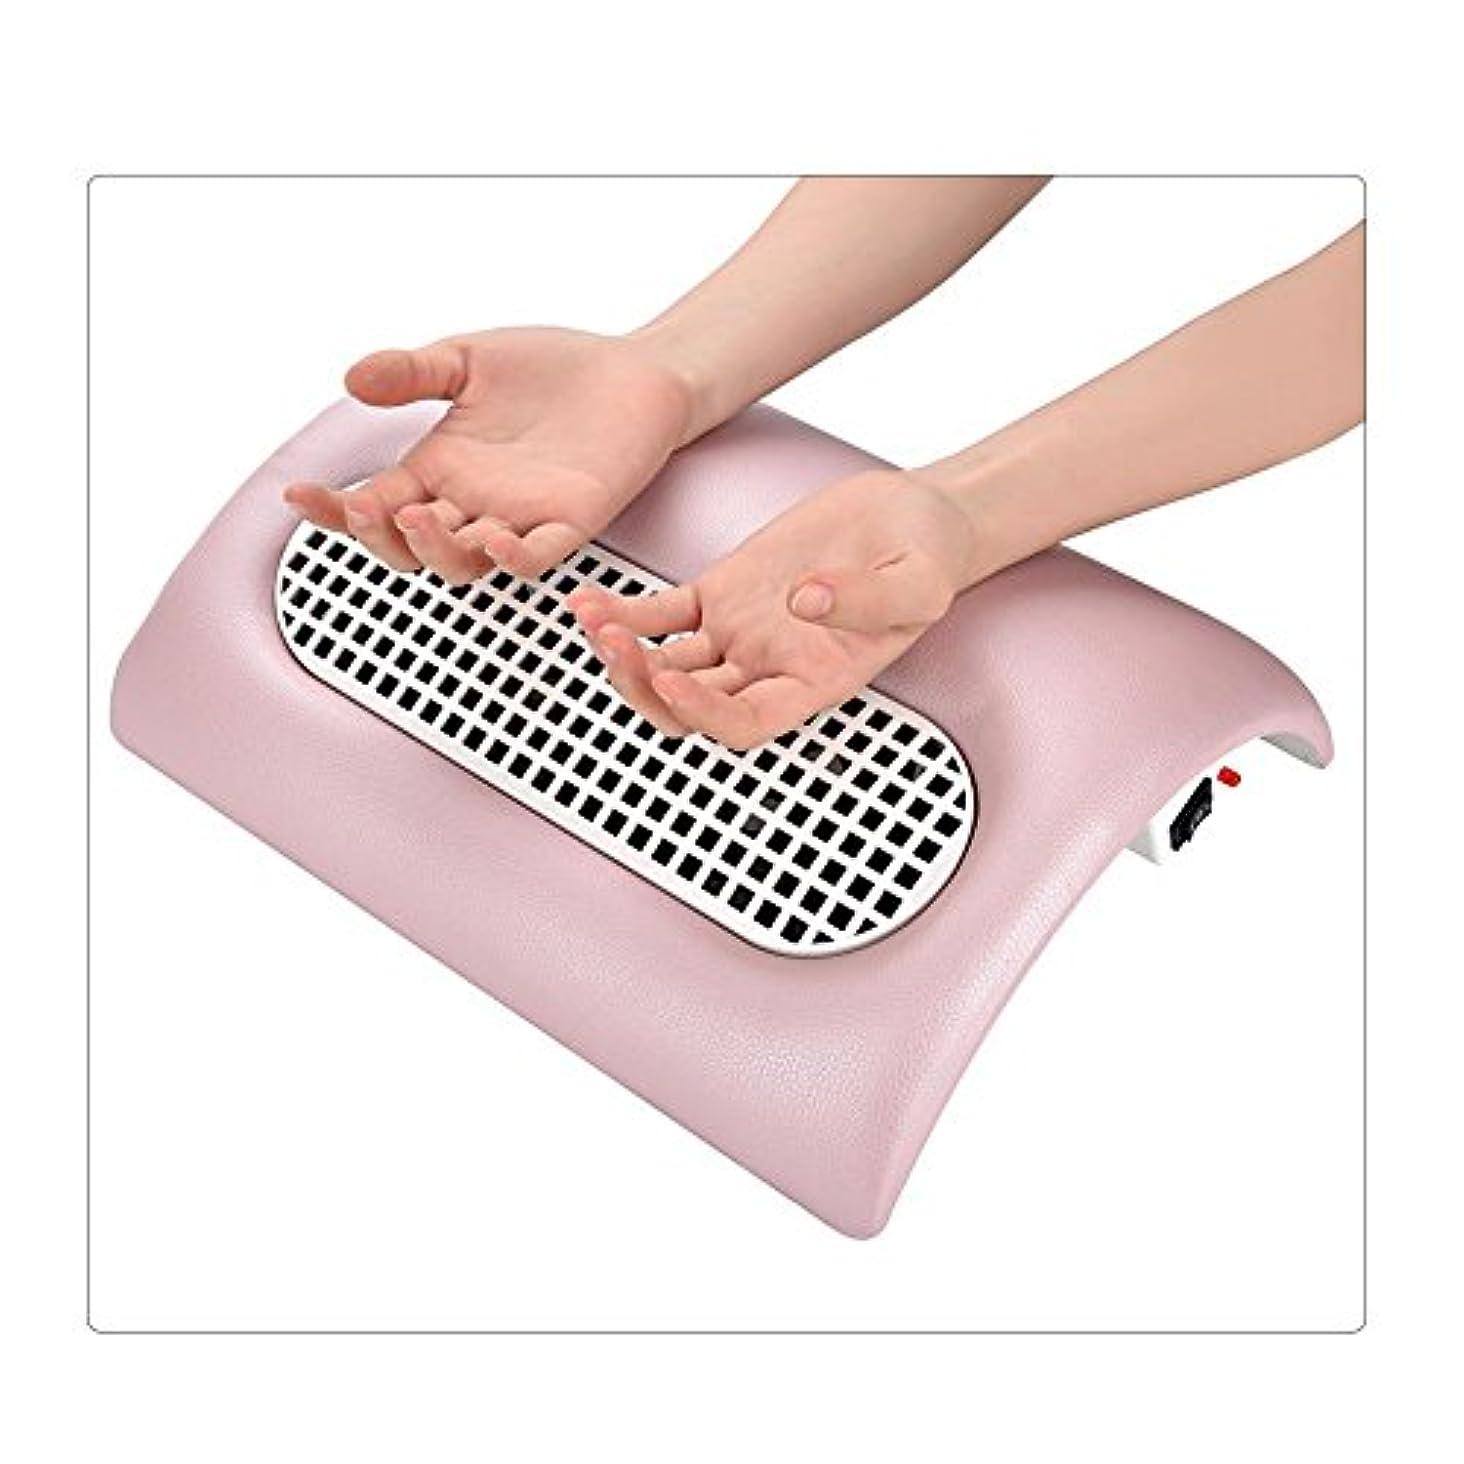 ページバリケードインフルエンザネイル(釘)集塵機 ネイルダスト 集塵機  ダストクリーナー  ジェルネイル ネイル機器 (ピンク)